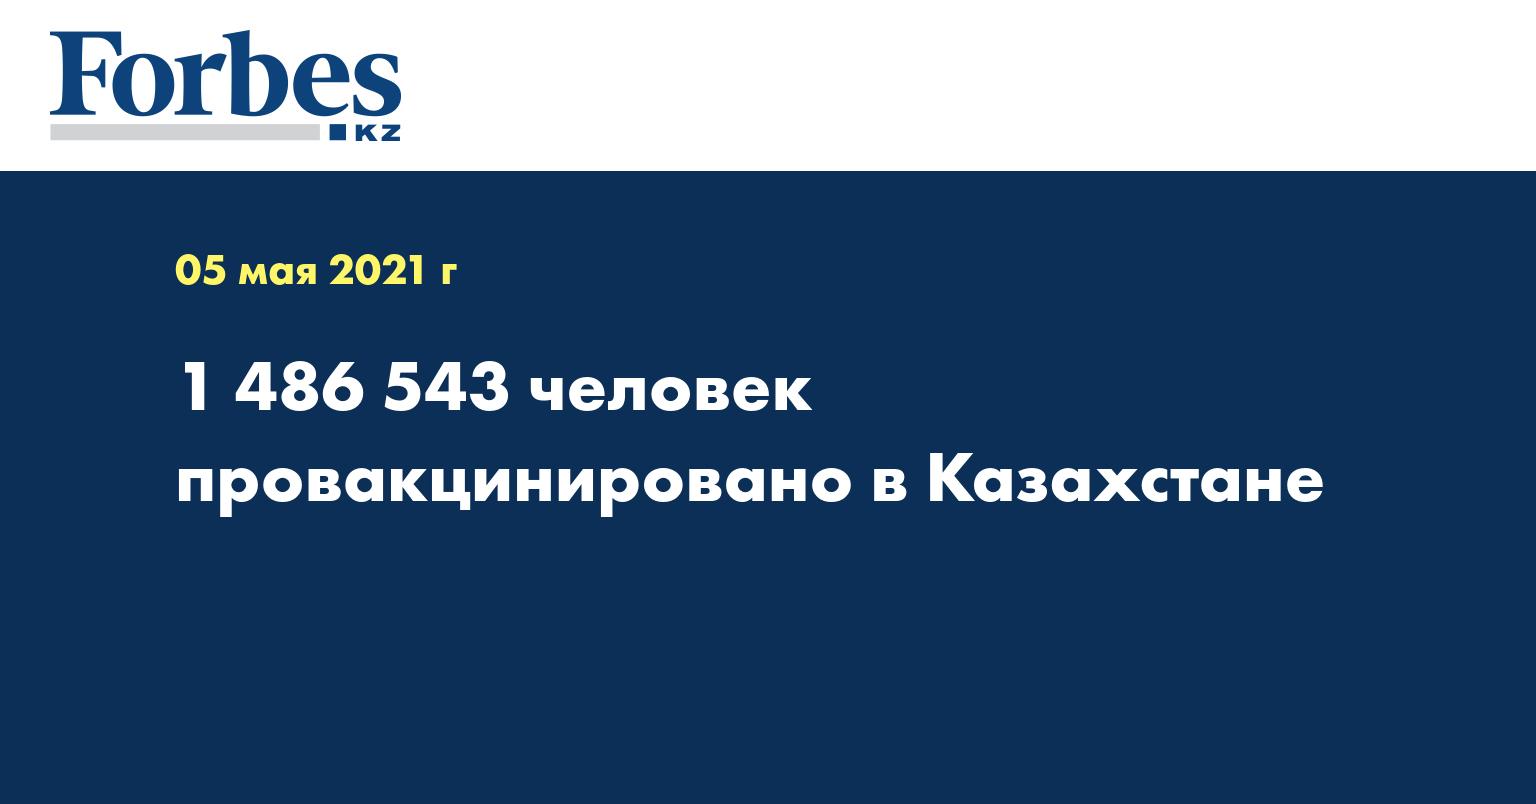 1 486 543 человек провакцинировано в Казахстане